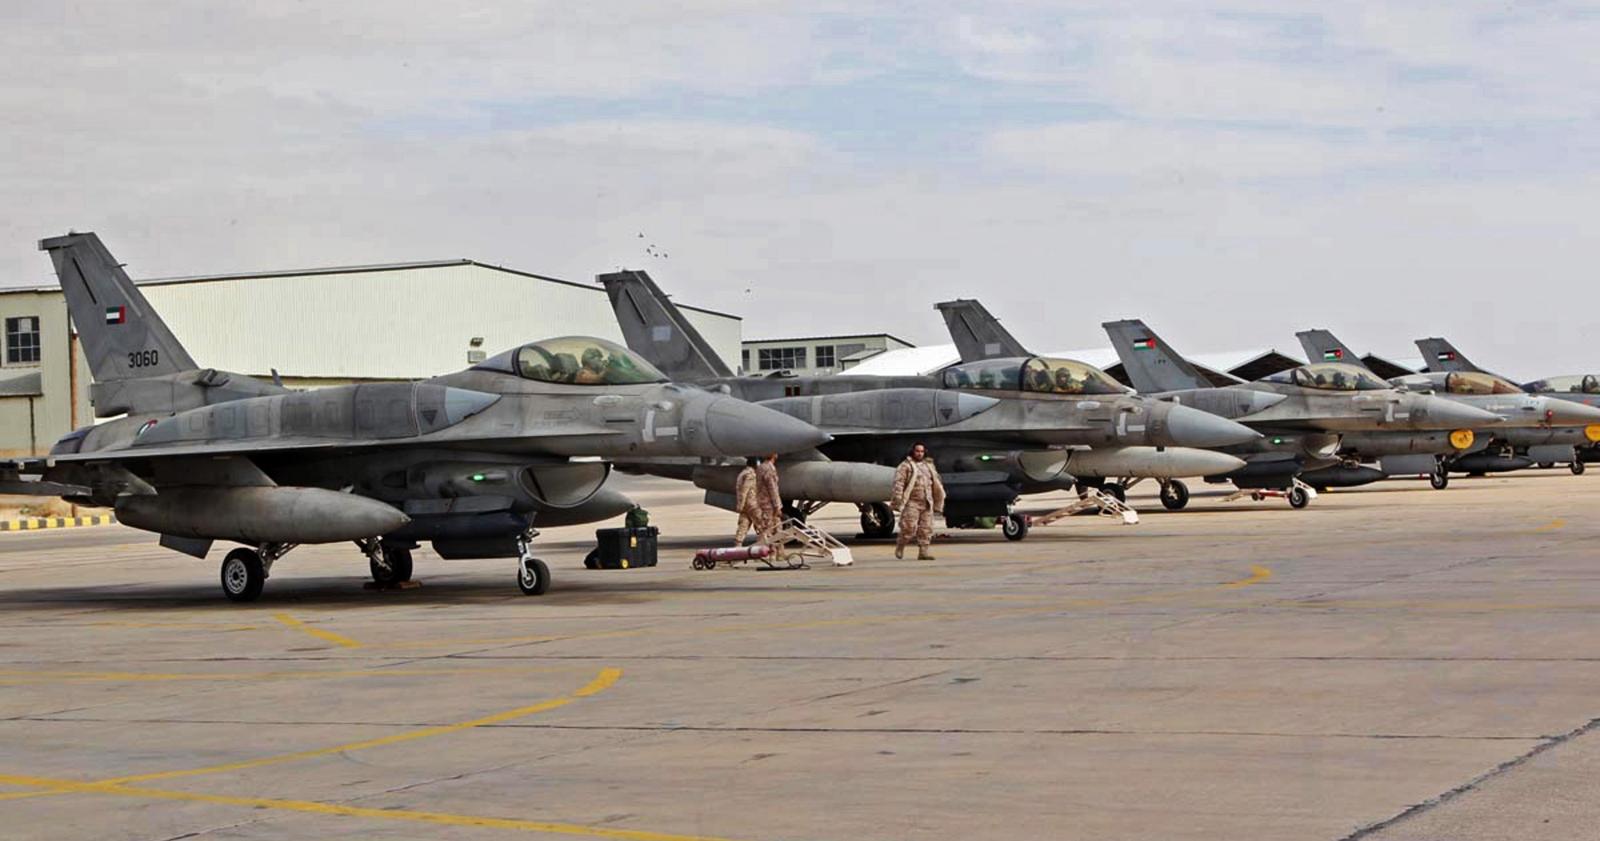 US arms sales to UAE